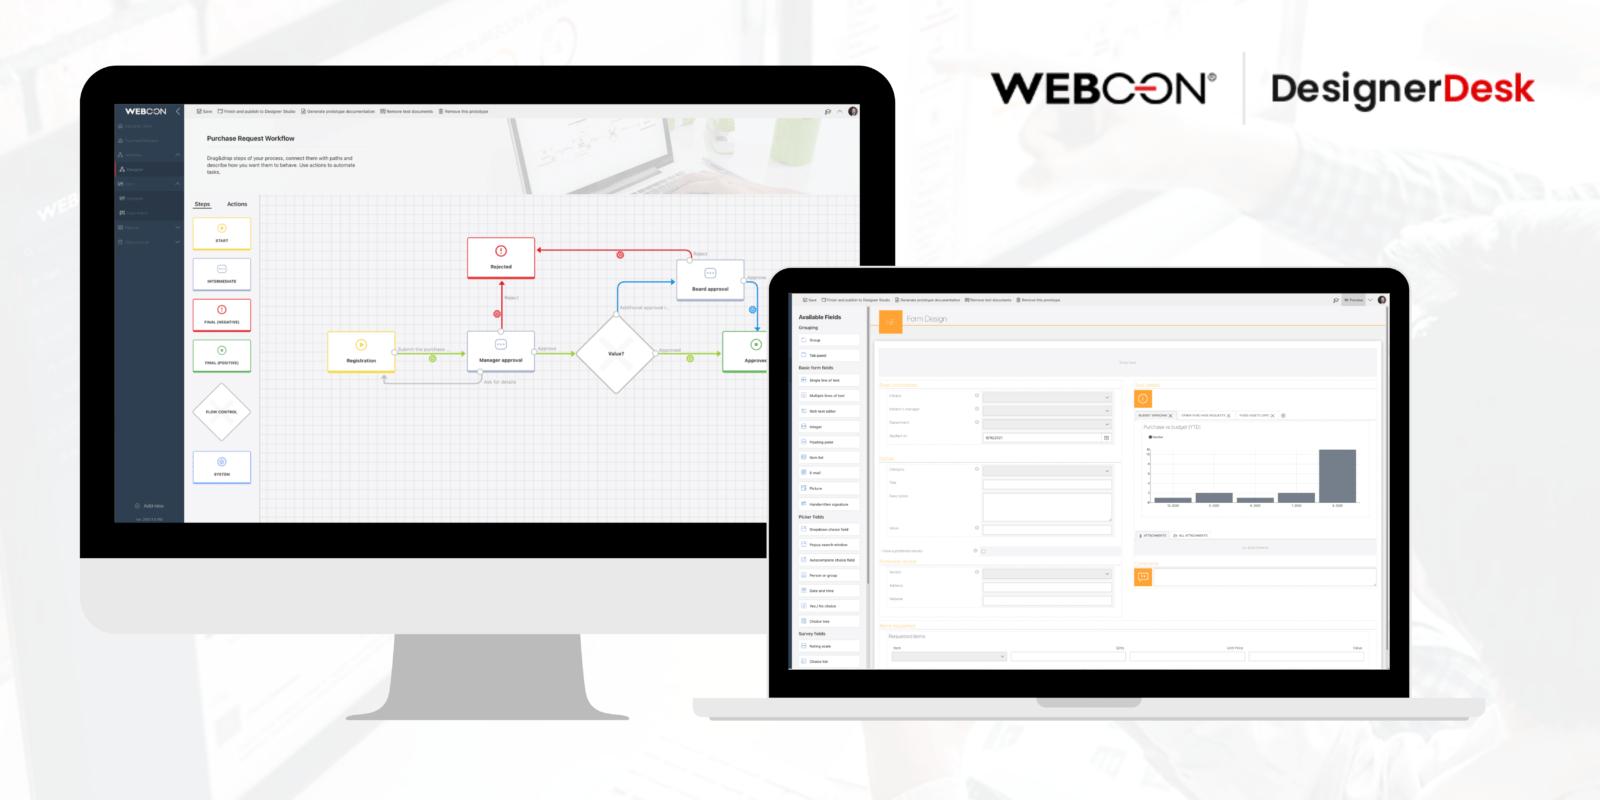 WEBCON udostępnia bezpłatne narzędzie do prototypowania aplikacji biznesowych